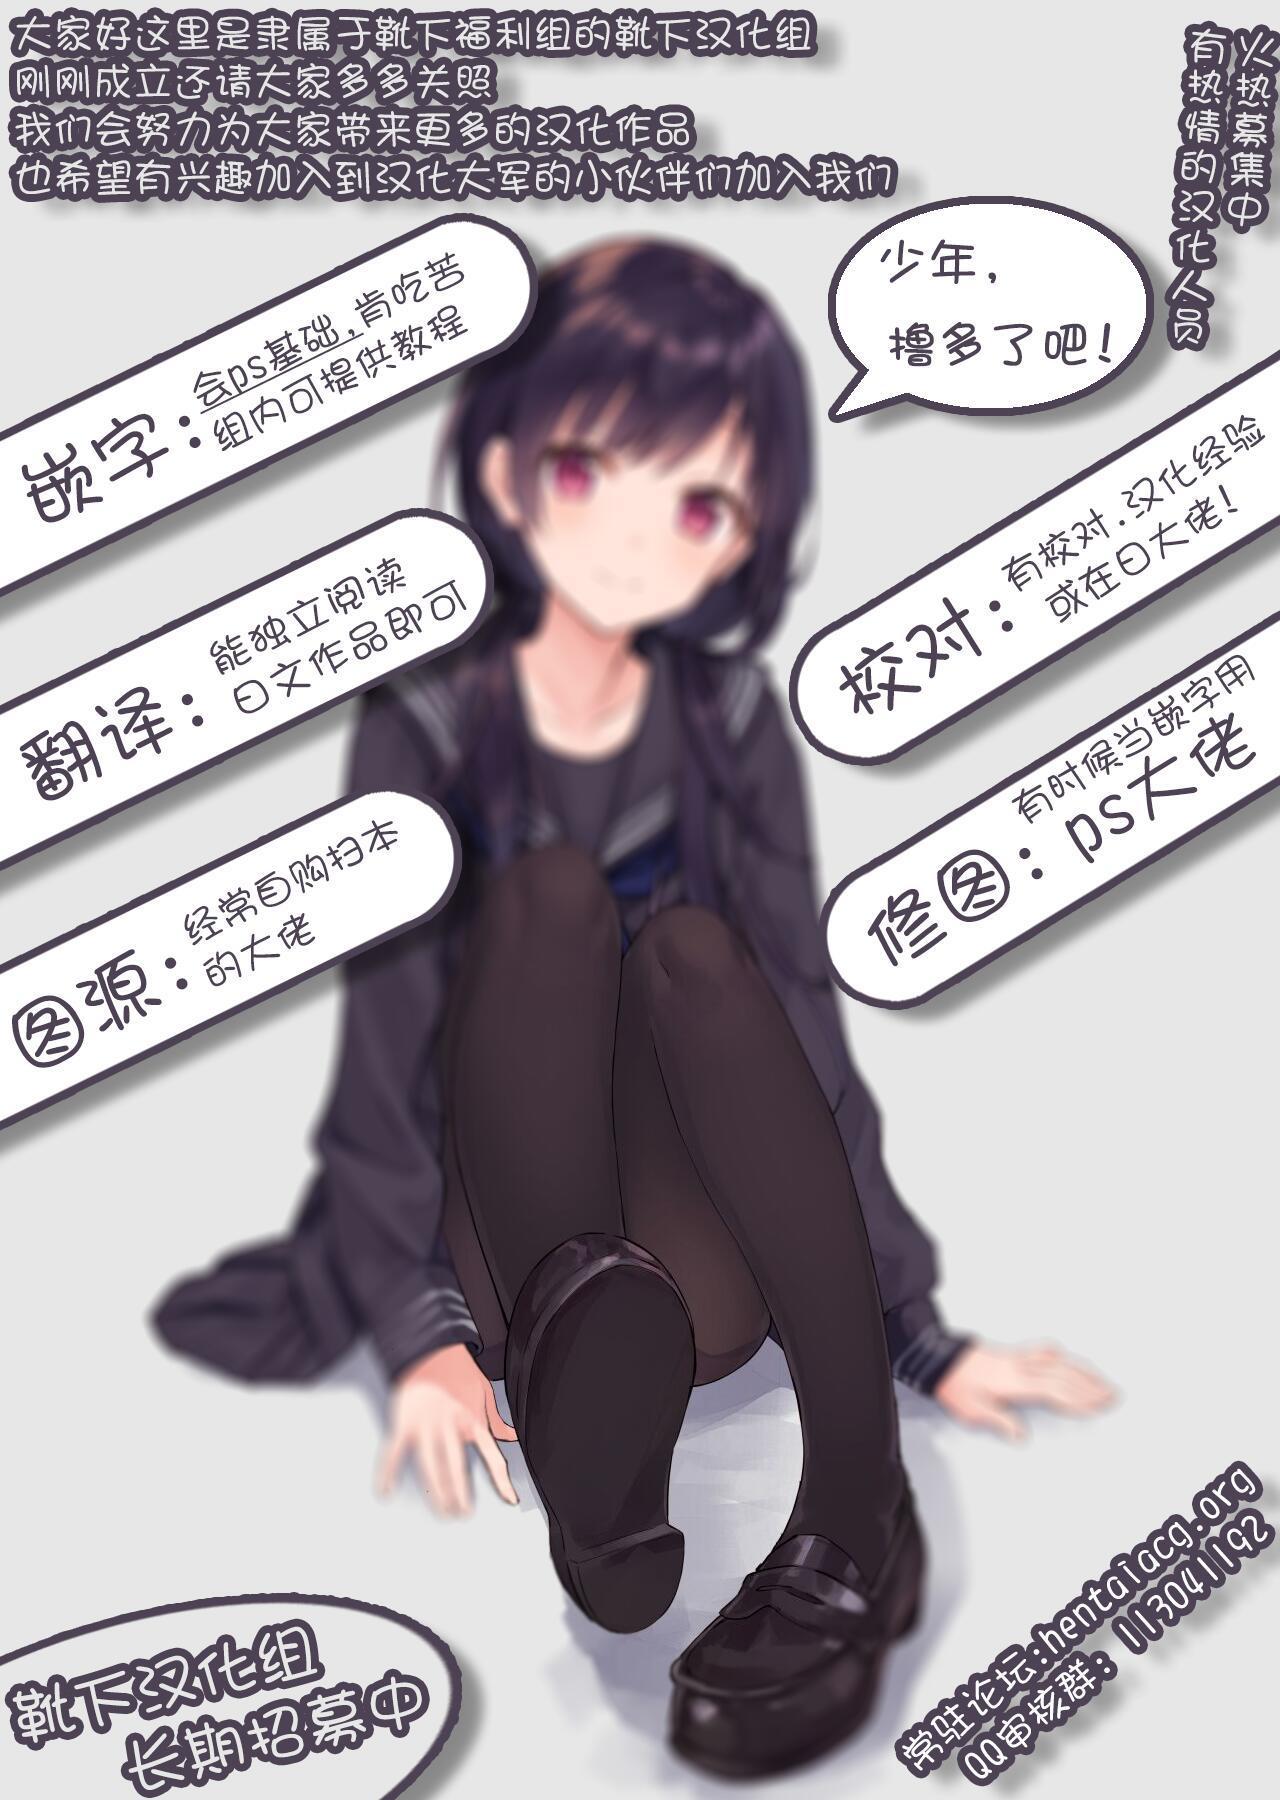 Graf Oppai Itadakimasu! 27